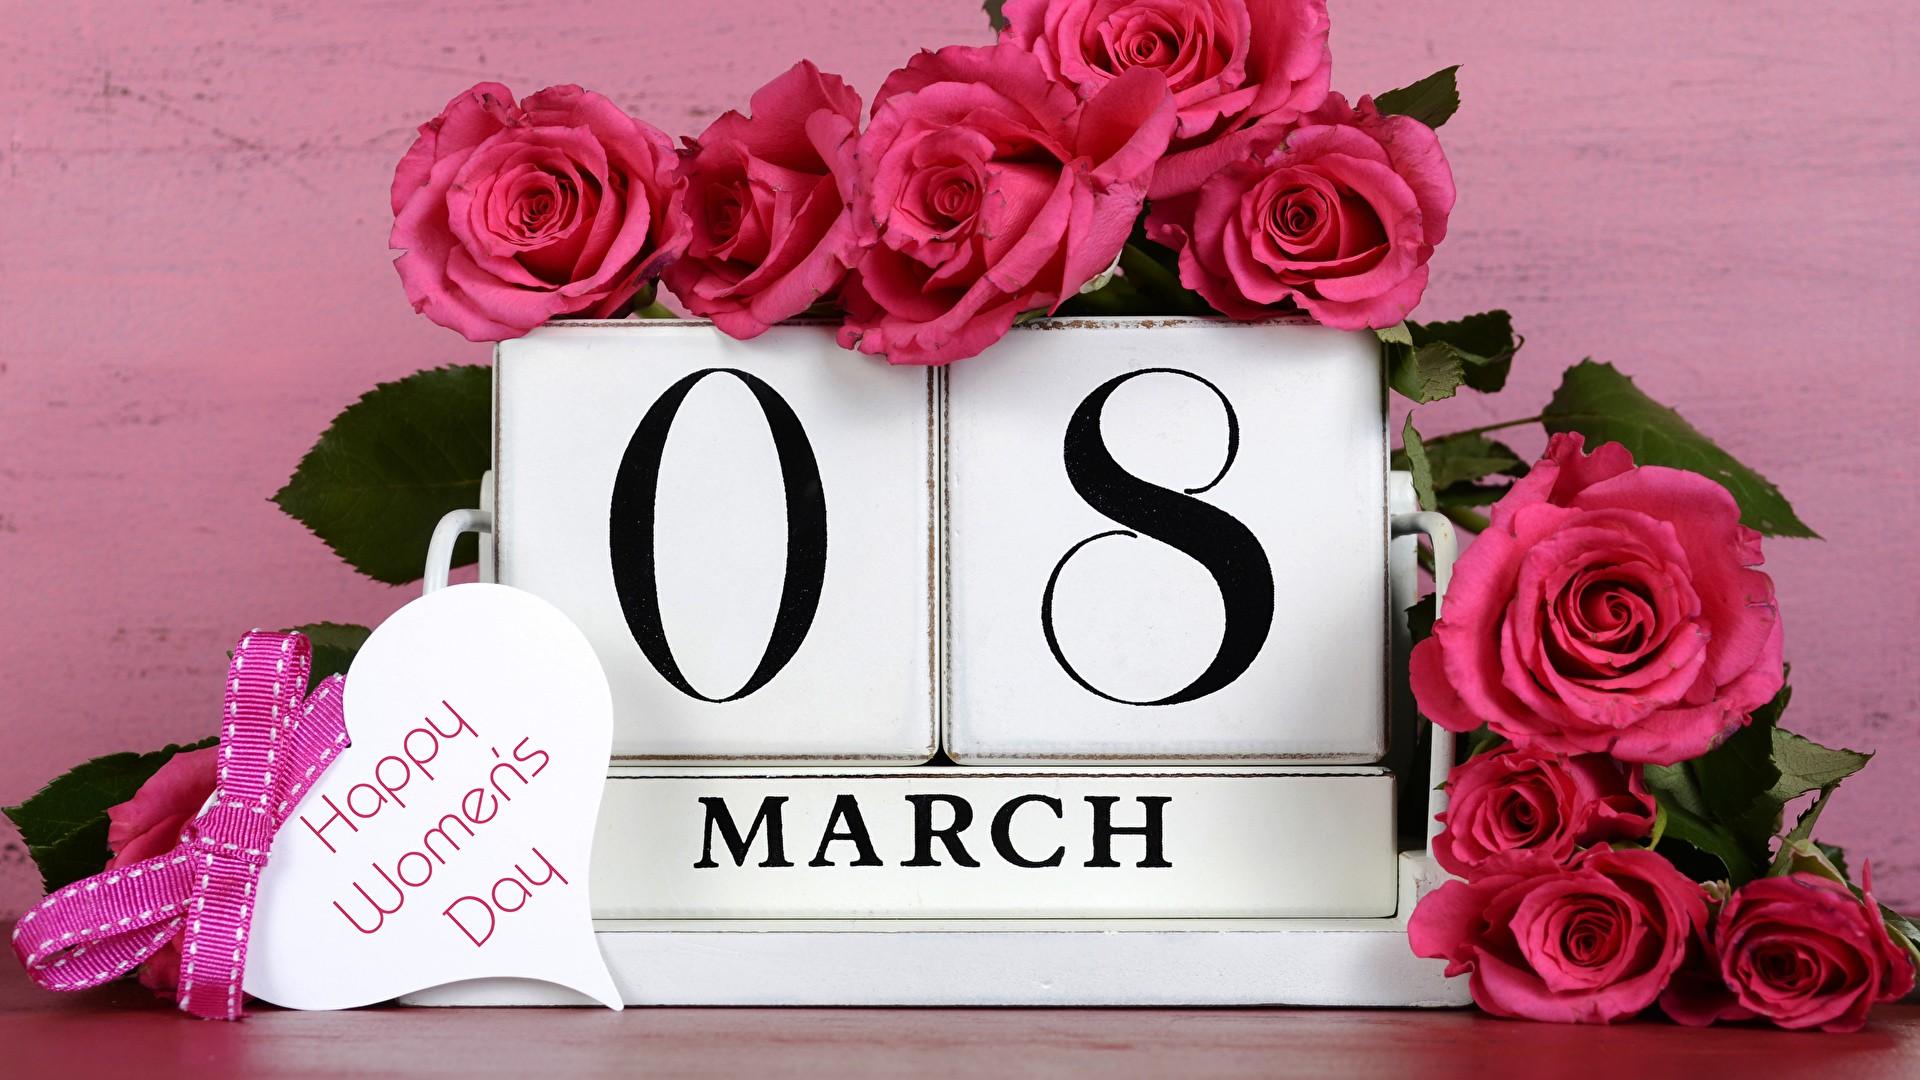 Happy Women's Day desktop image